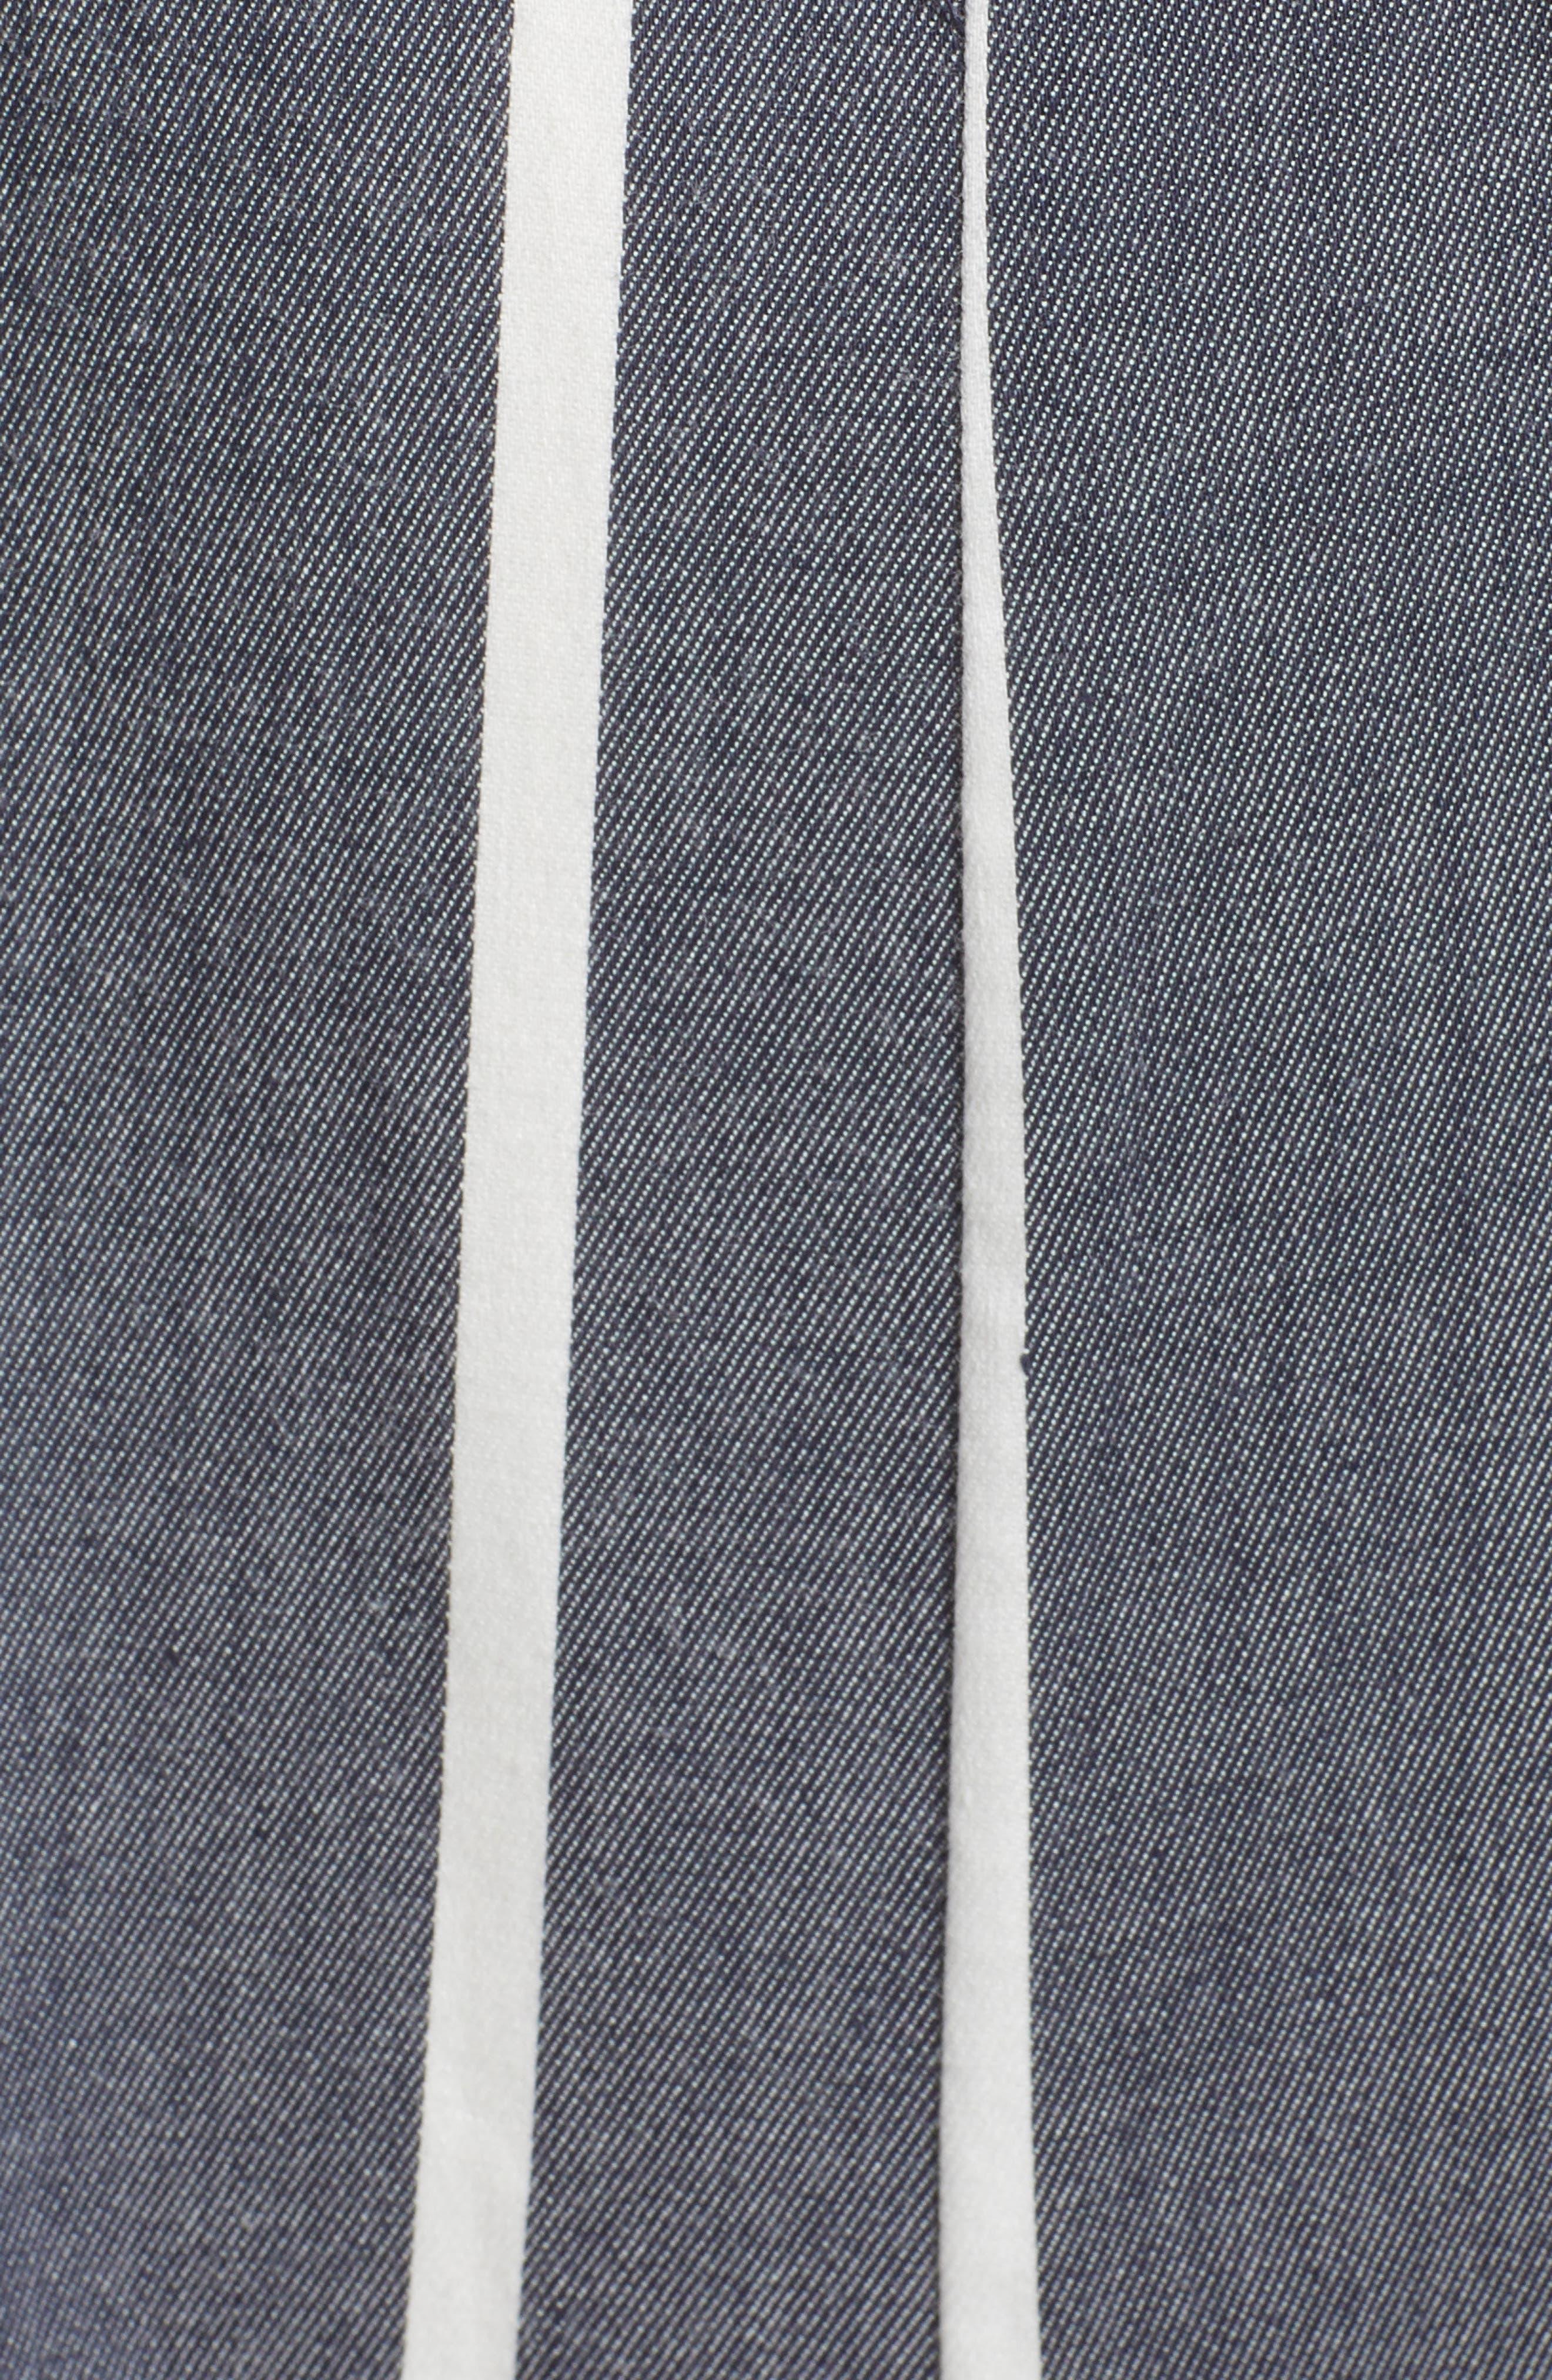 Double Tie Front Jumpsuit,                             Alternate thumbnail 5, color,                             Denim/ White